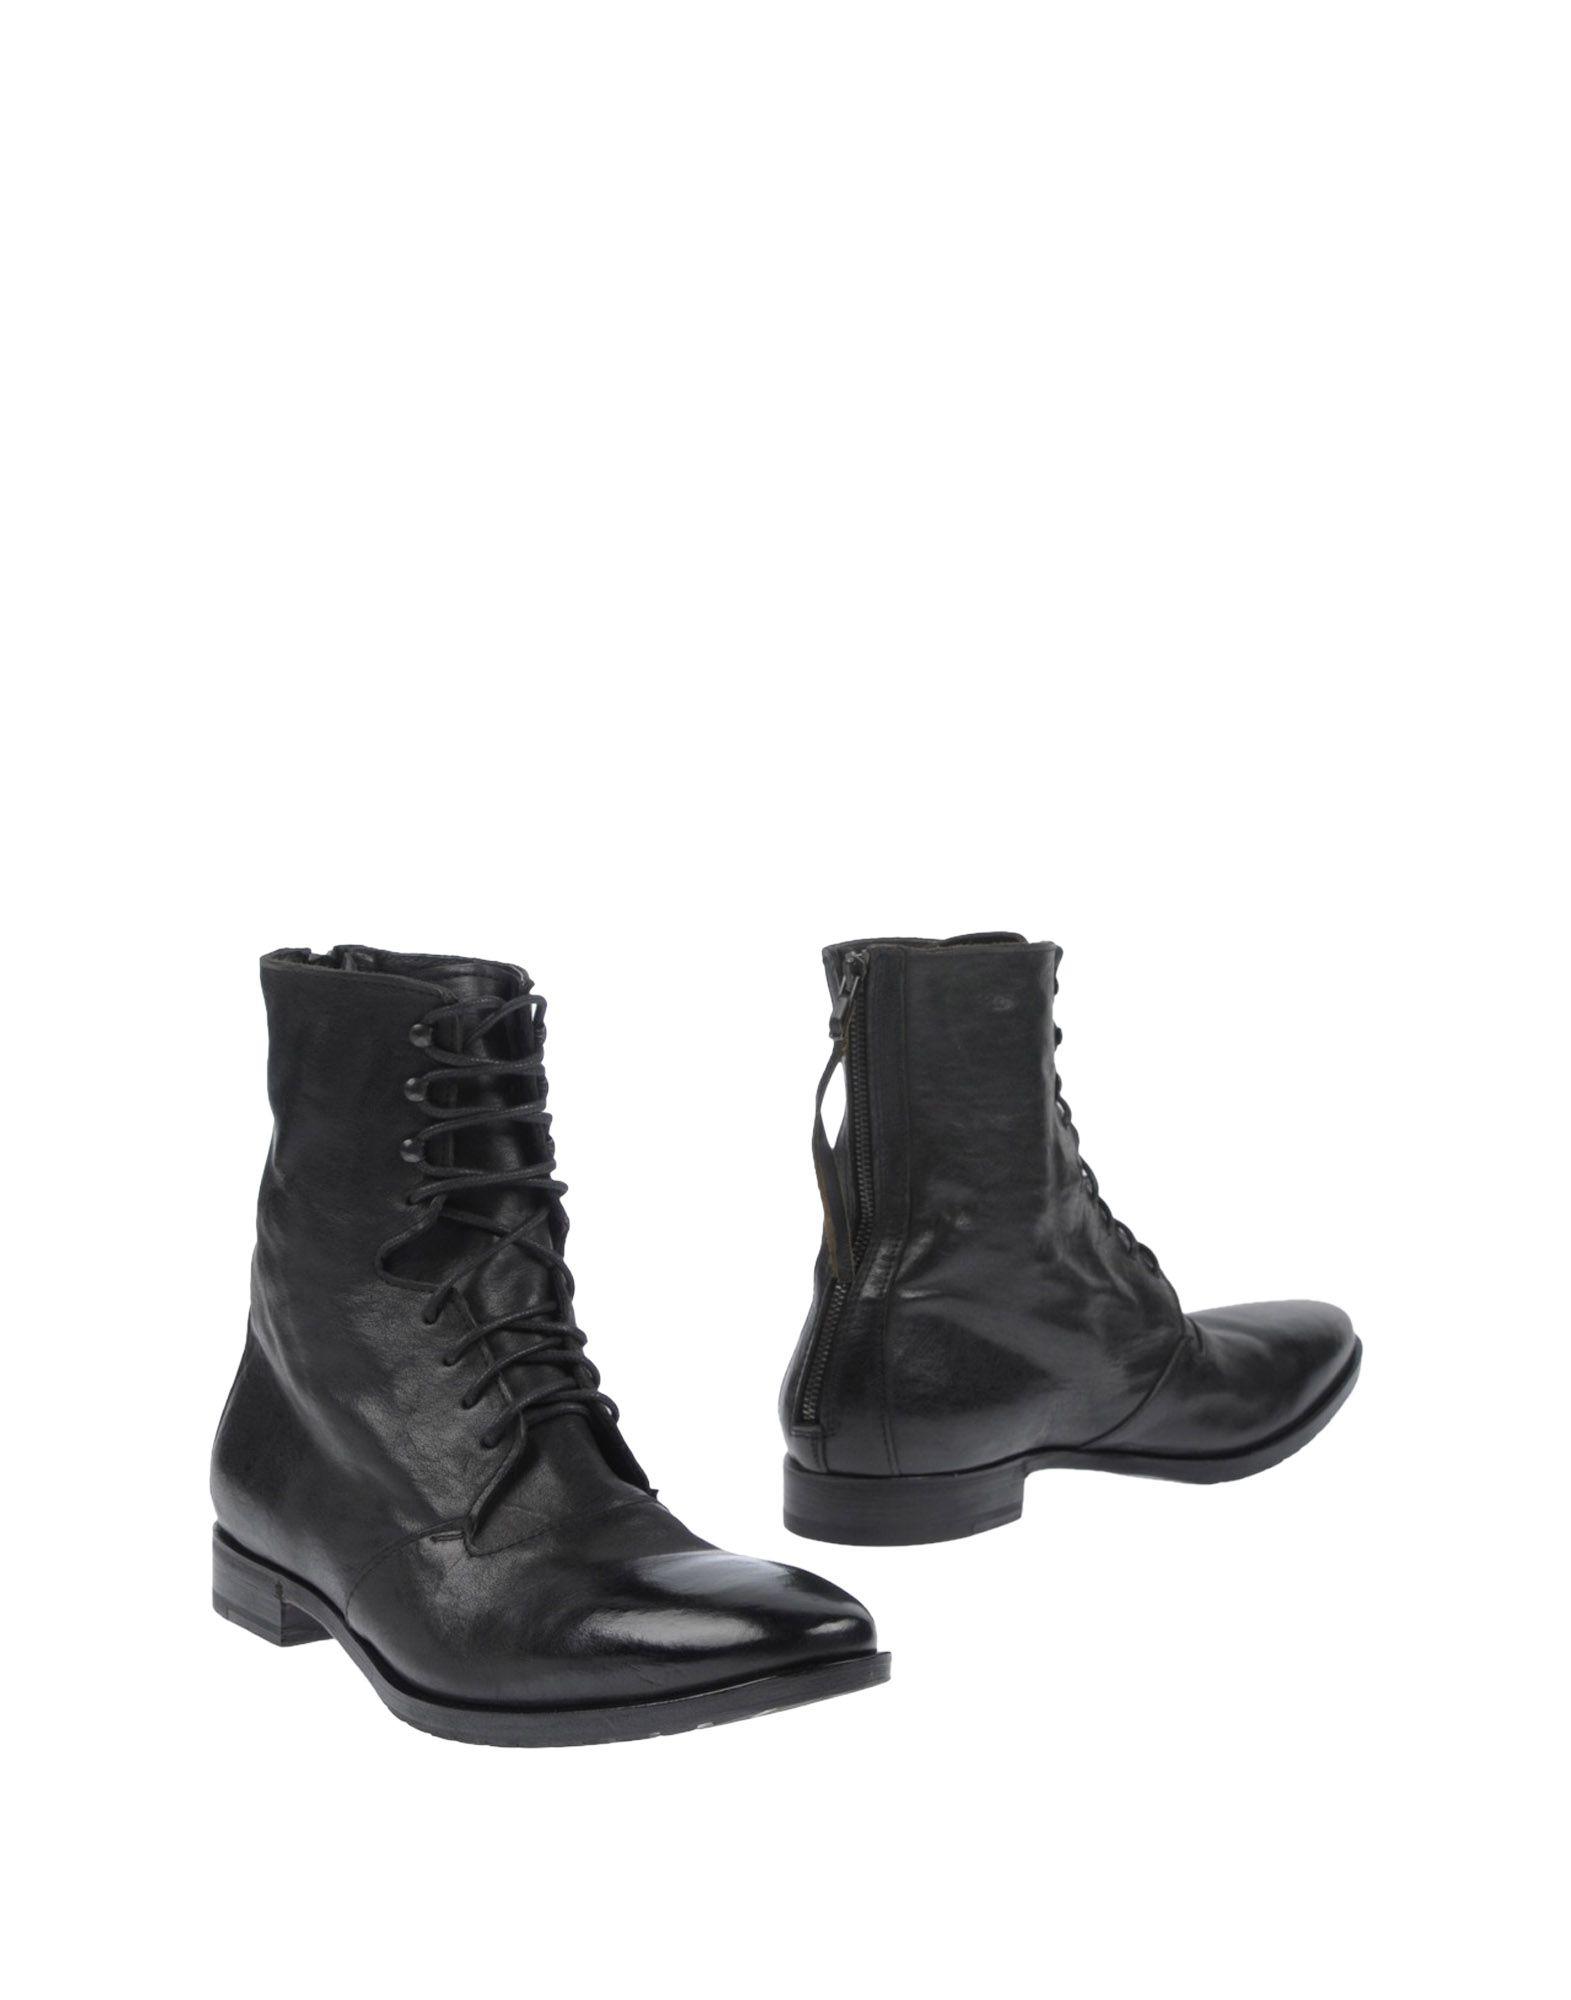 《送料無料》HENDERSON メンズ ショートブーツ ブラック 45 革